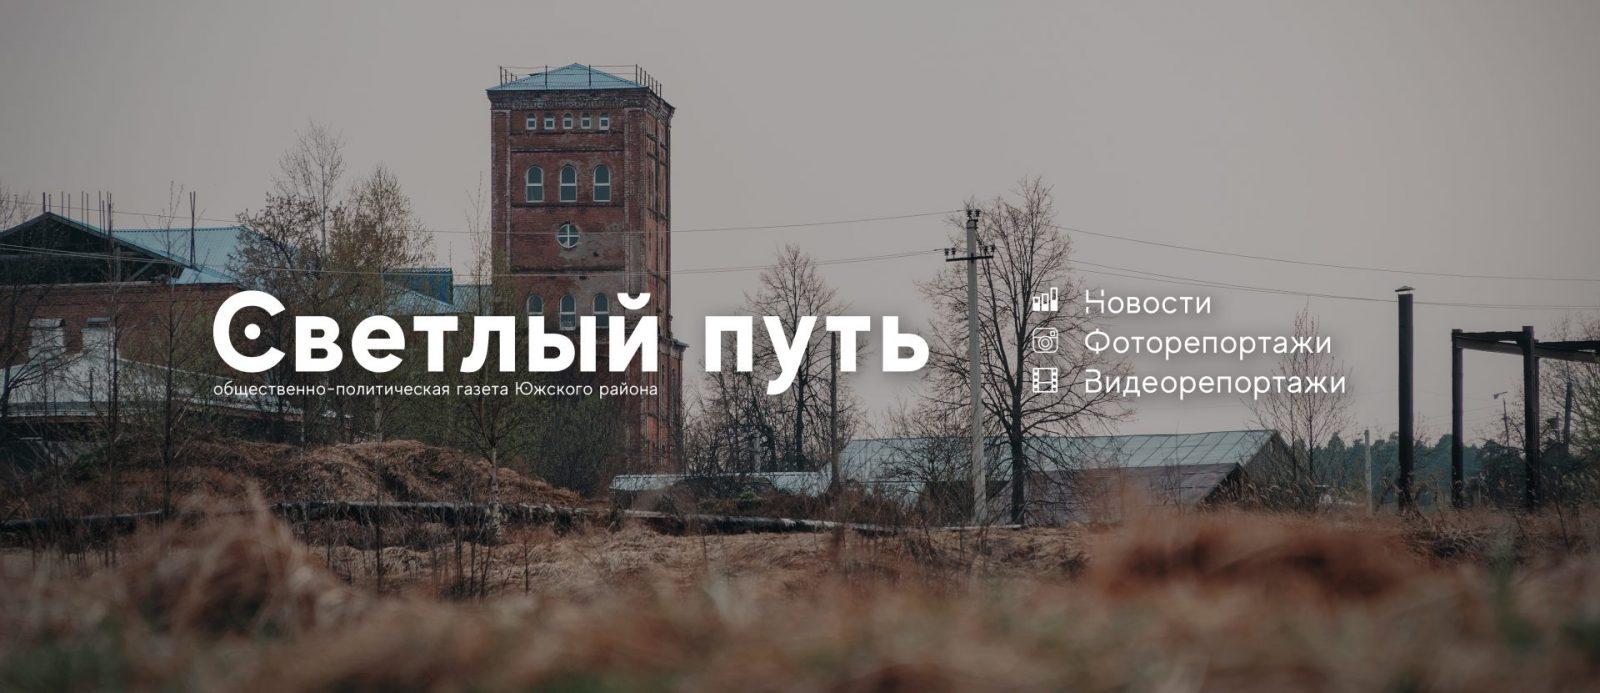 В Ивановской области в этом году построят два физкультурно-оздоровительных комплекса открытого типа